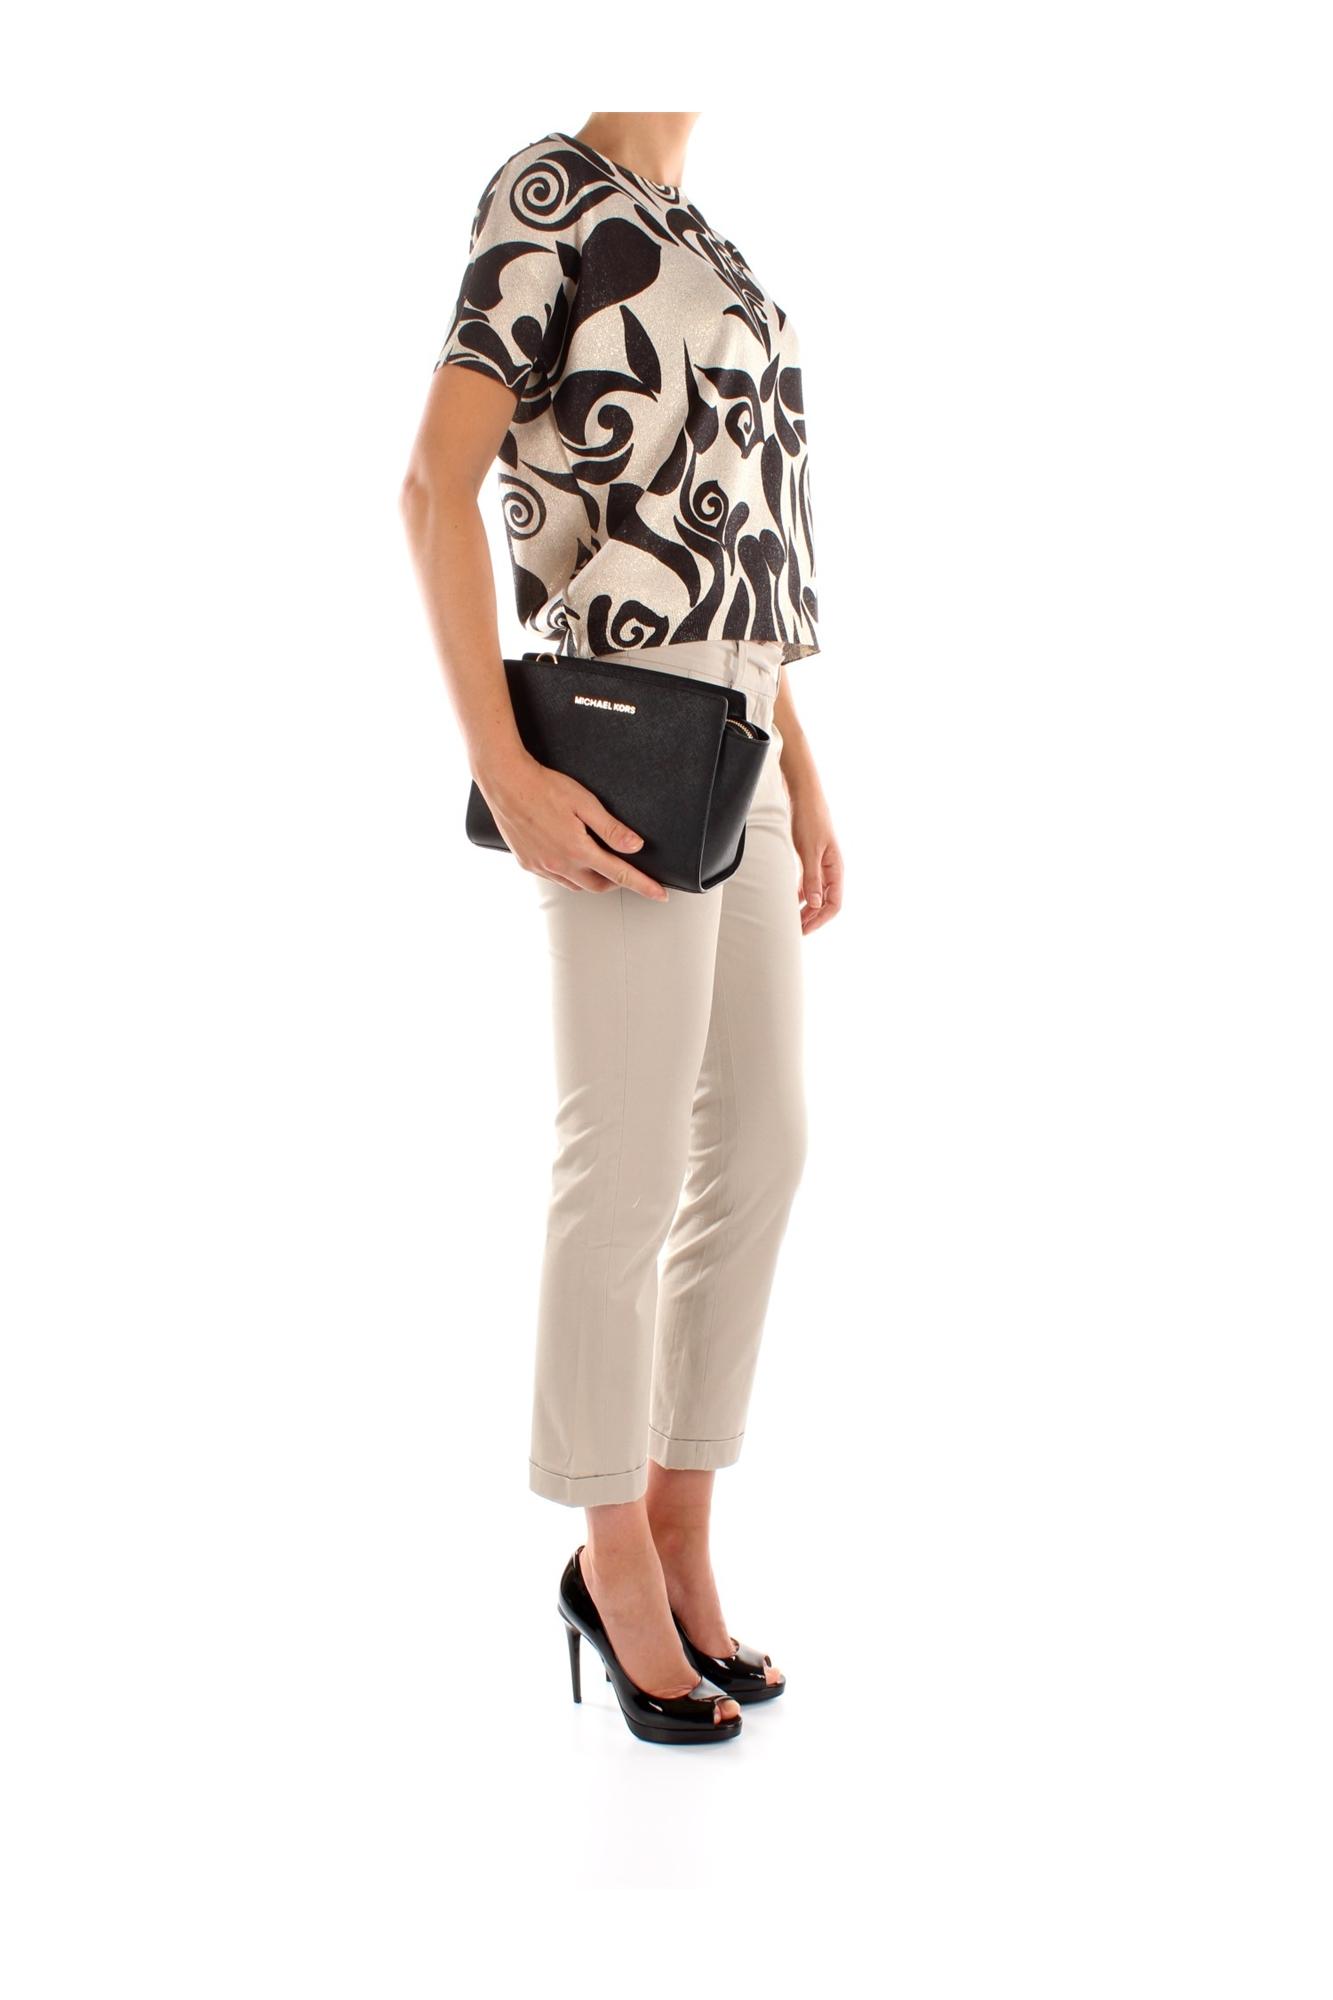 handtasche michael kors damen leder schwarz 30t3glmm2lblack ebay. Black Bedroom Furniture Sets. Home Design Ideas